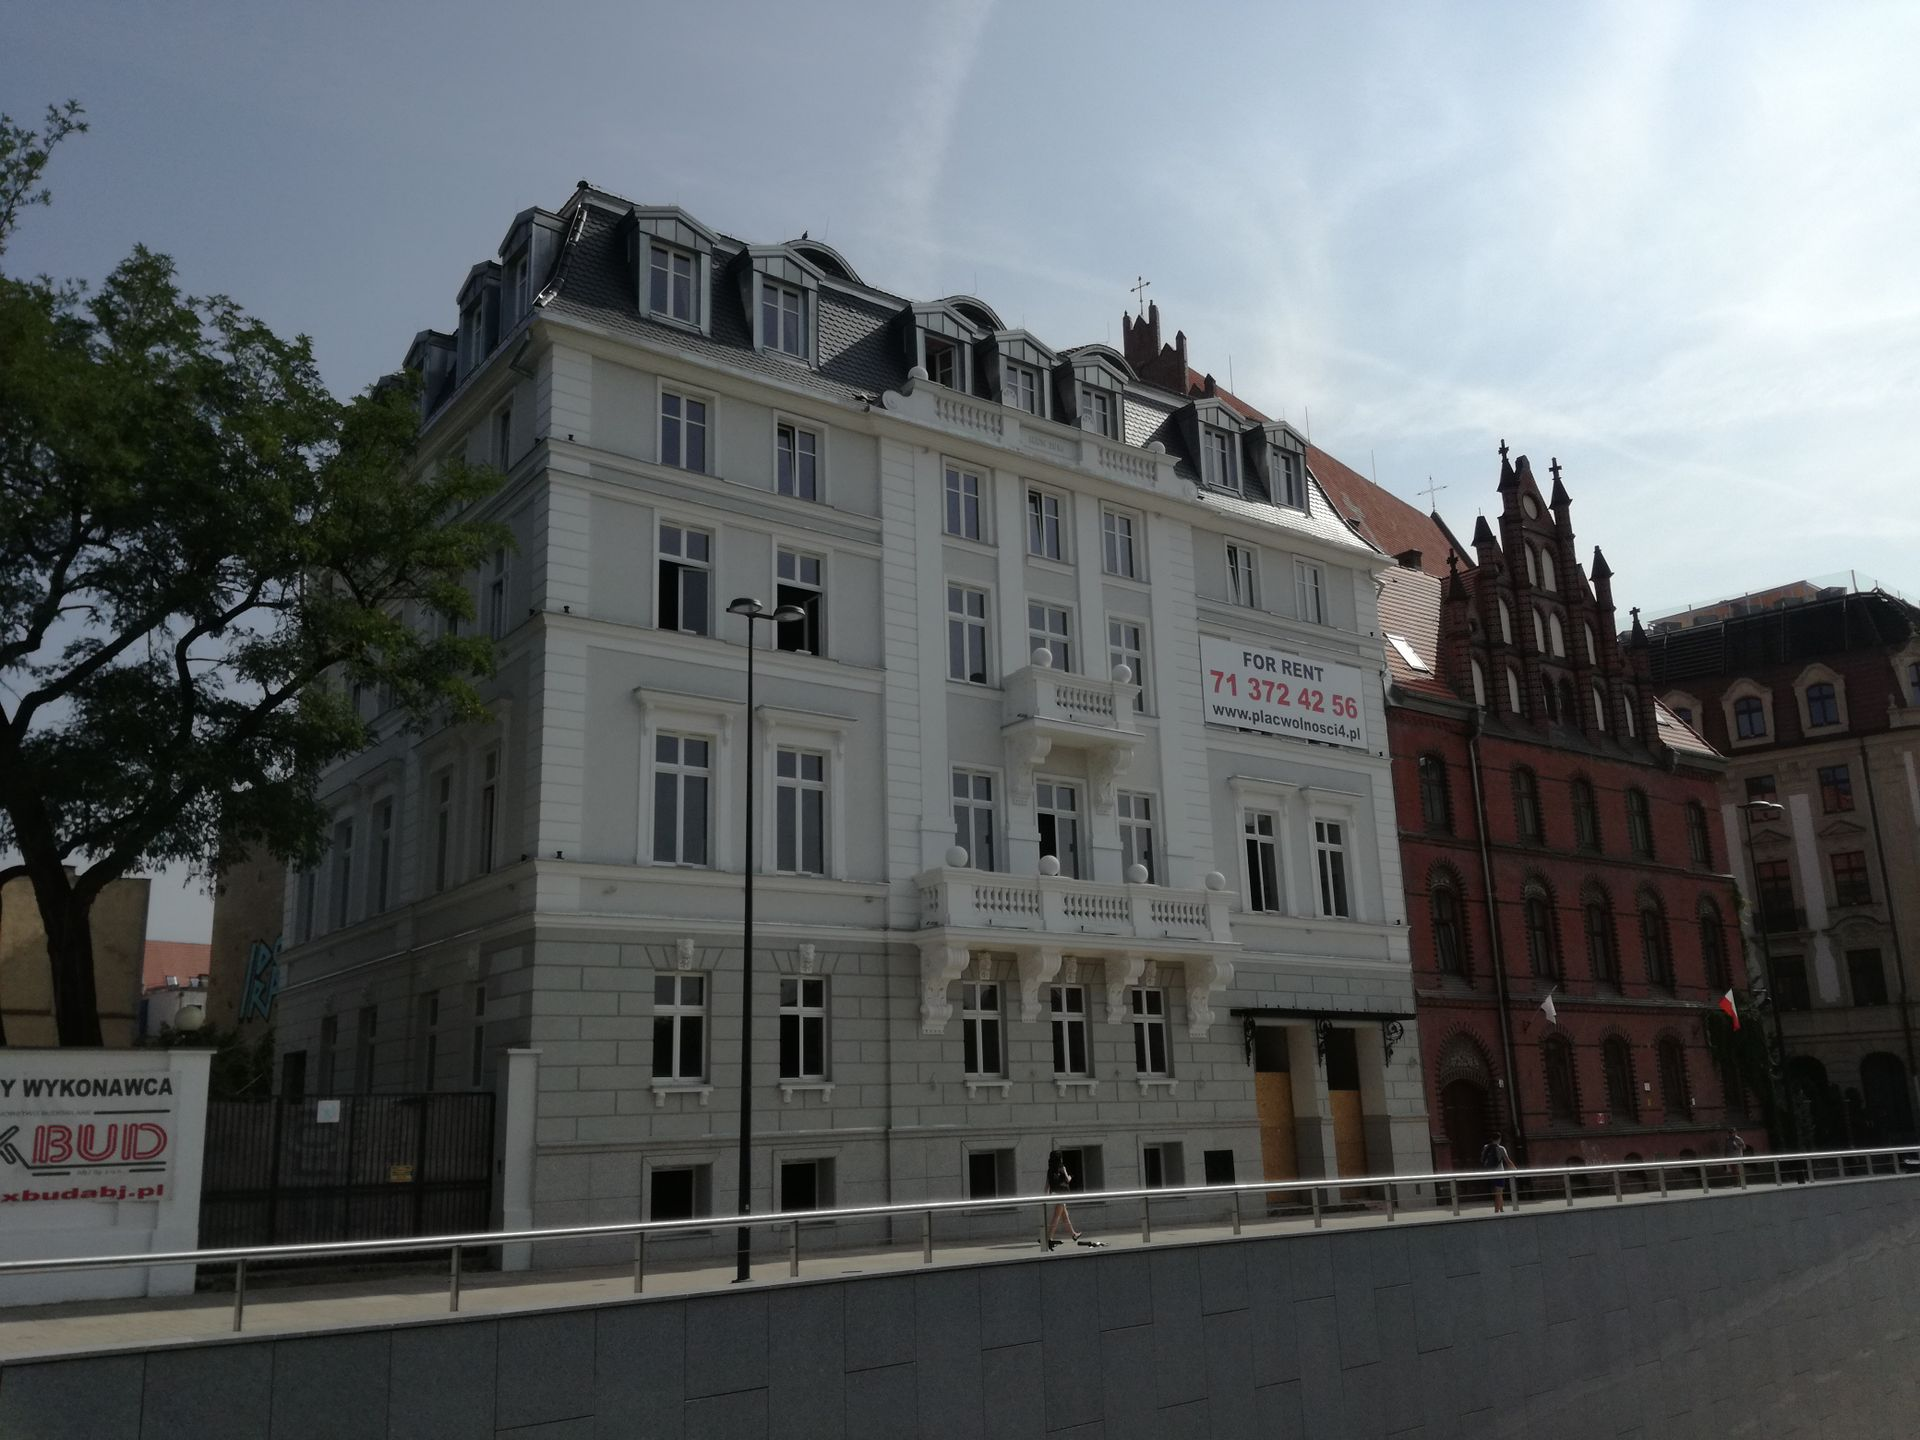 [Wrocław] Hotele, biurowce i mieszkania. Wokół placu Wolności zaroiło się od inwestycji